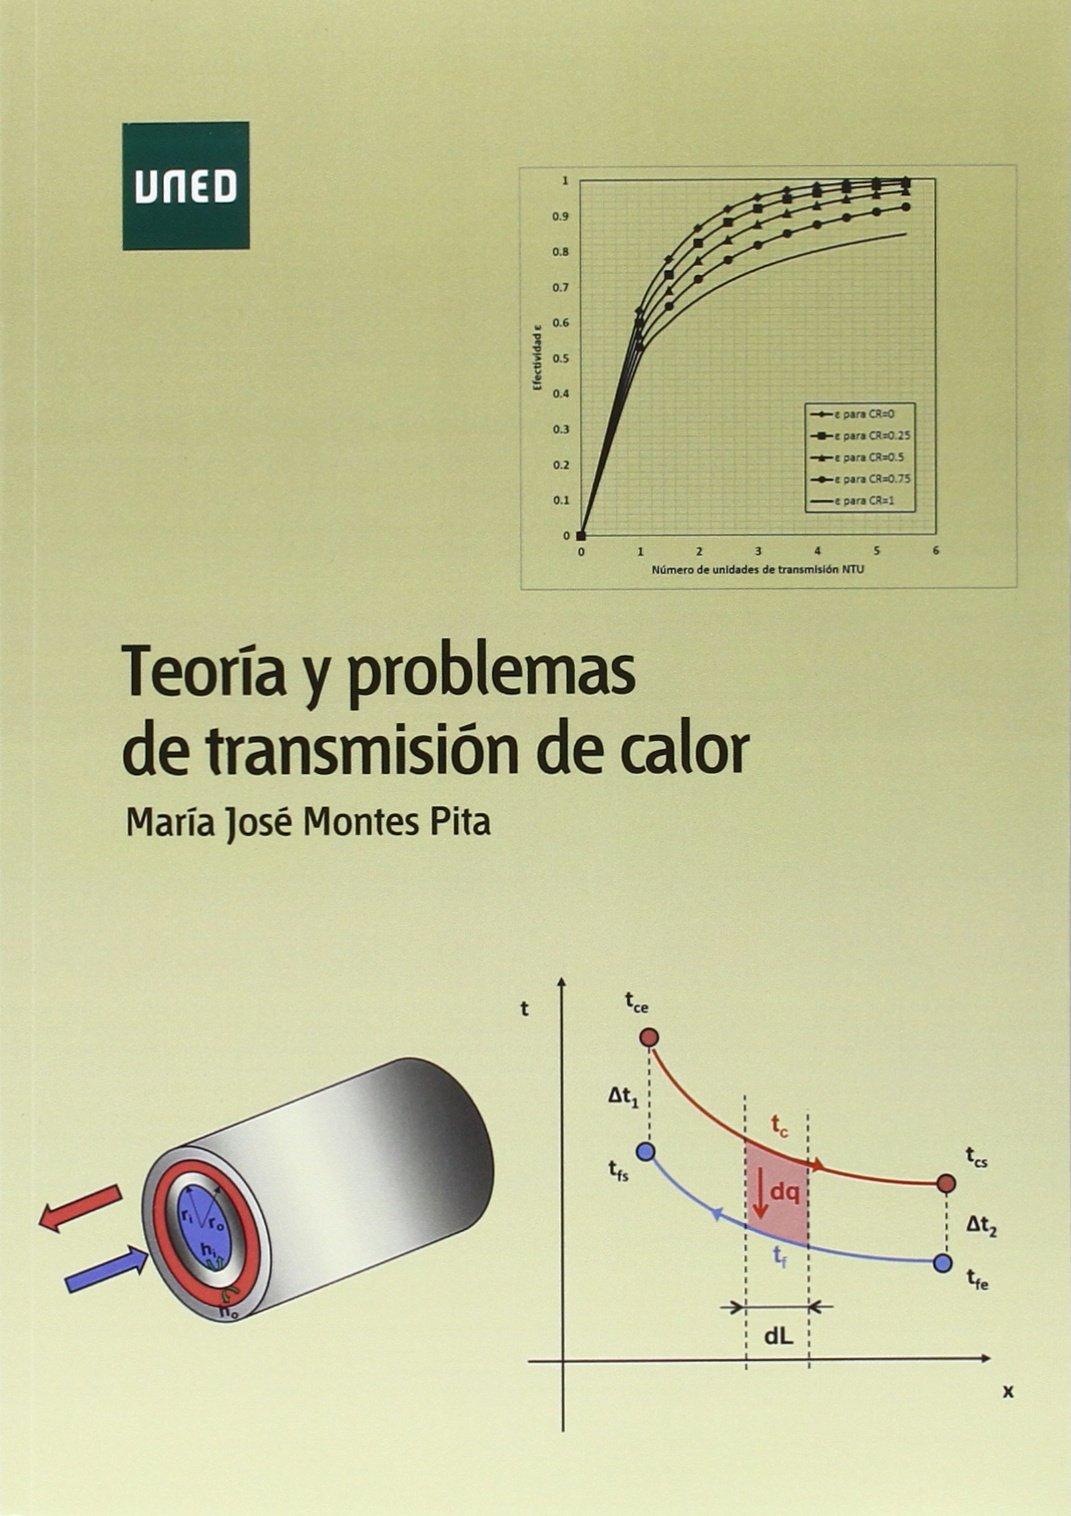 Teoría y problemas de transmisión de calor: 9788436269994: Amazon.com: Books